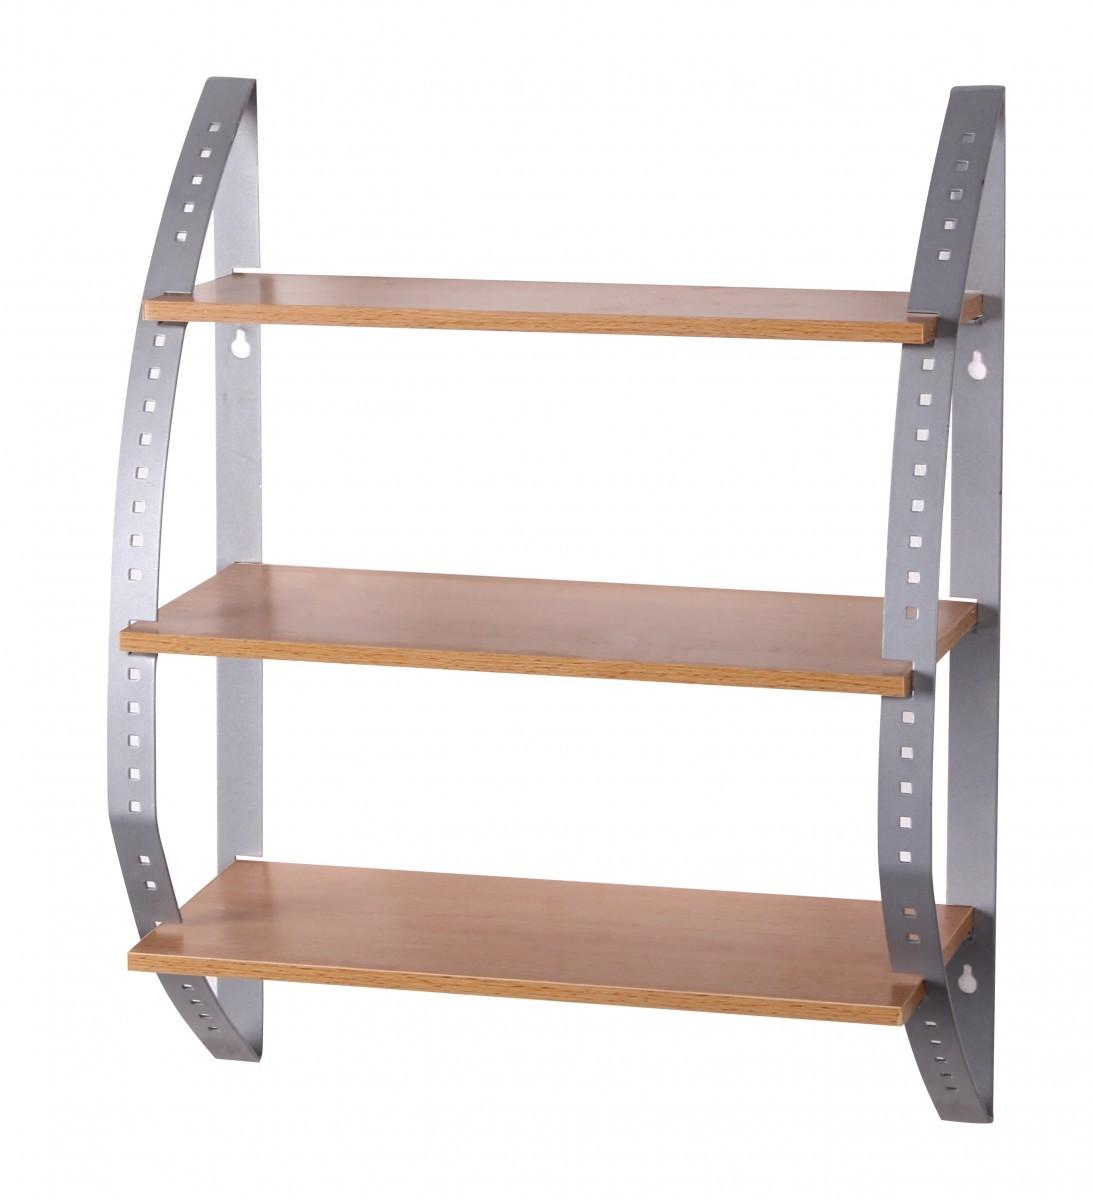 FineBuy Wandregal KITY Holz / Metall mit 3 Böden 40 x 50 x 15 cm ...